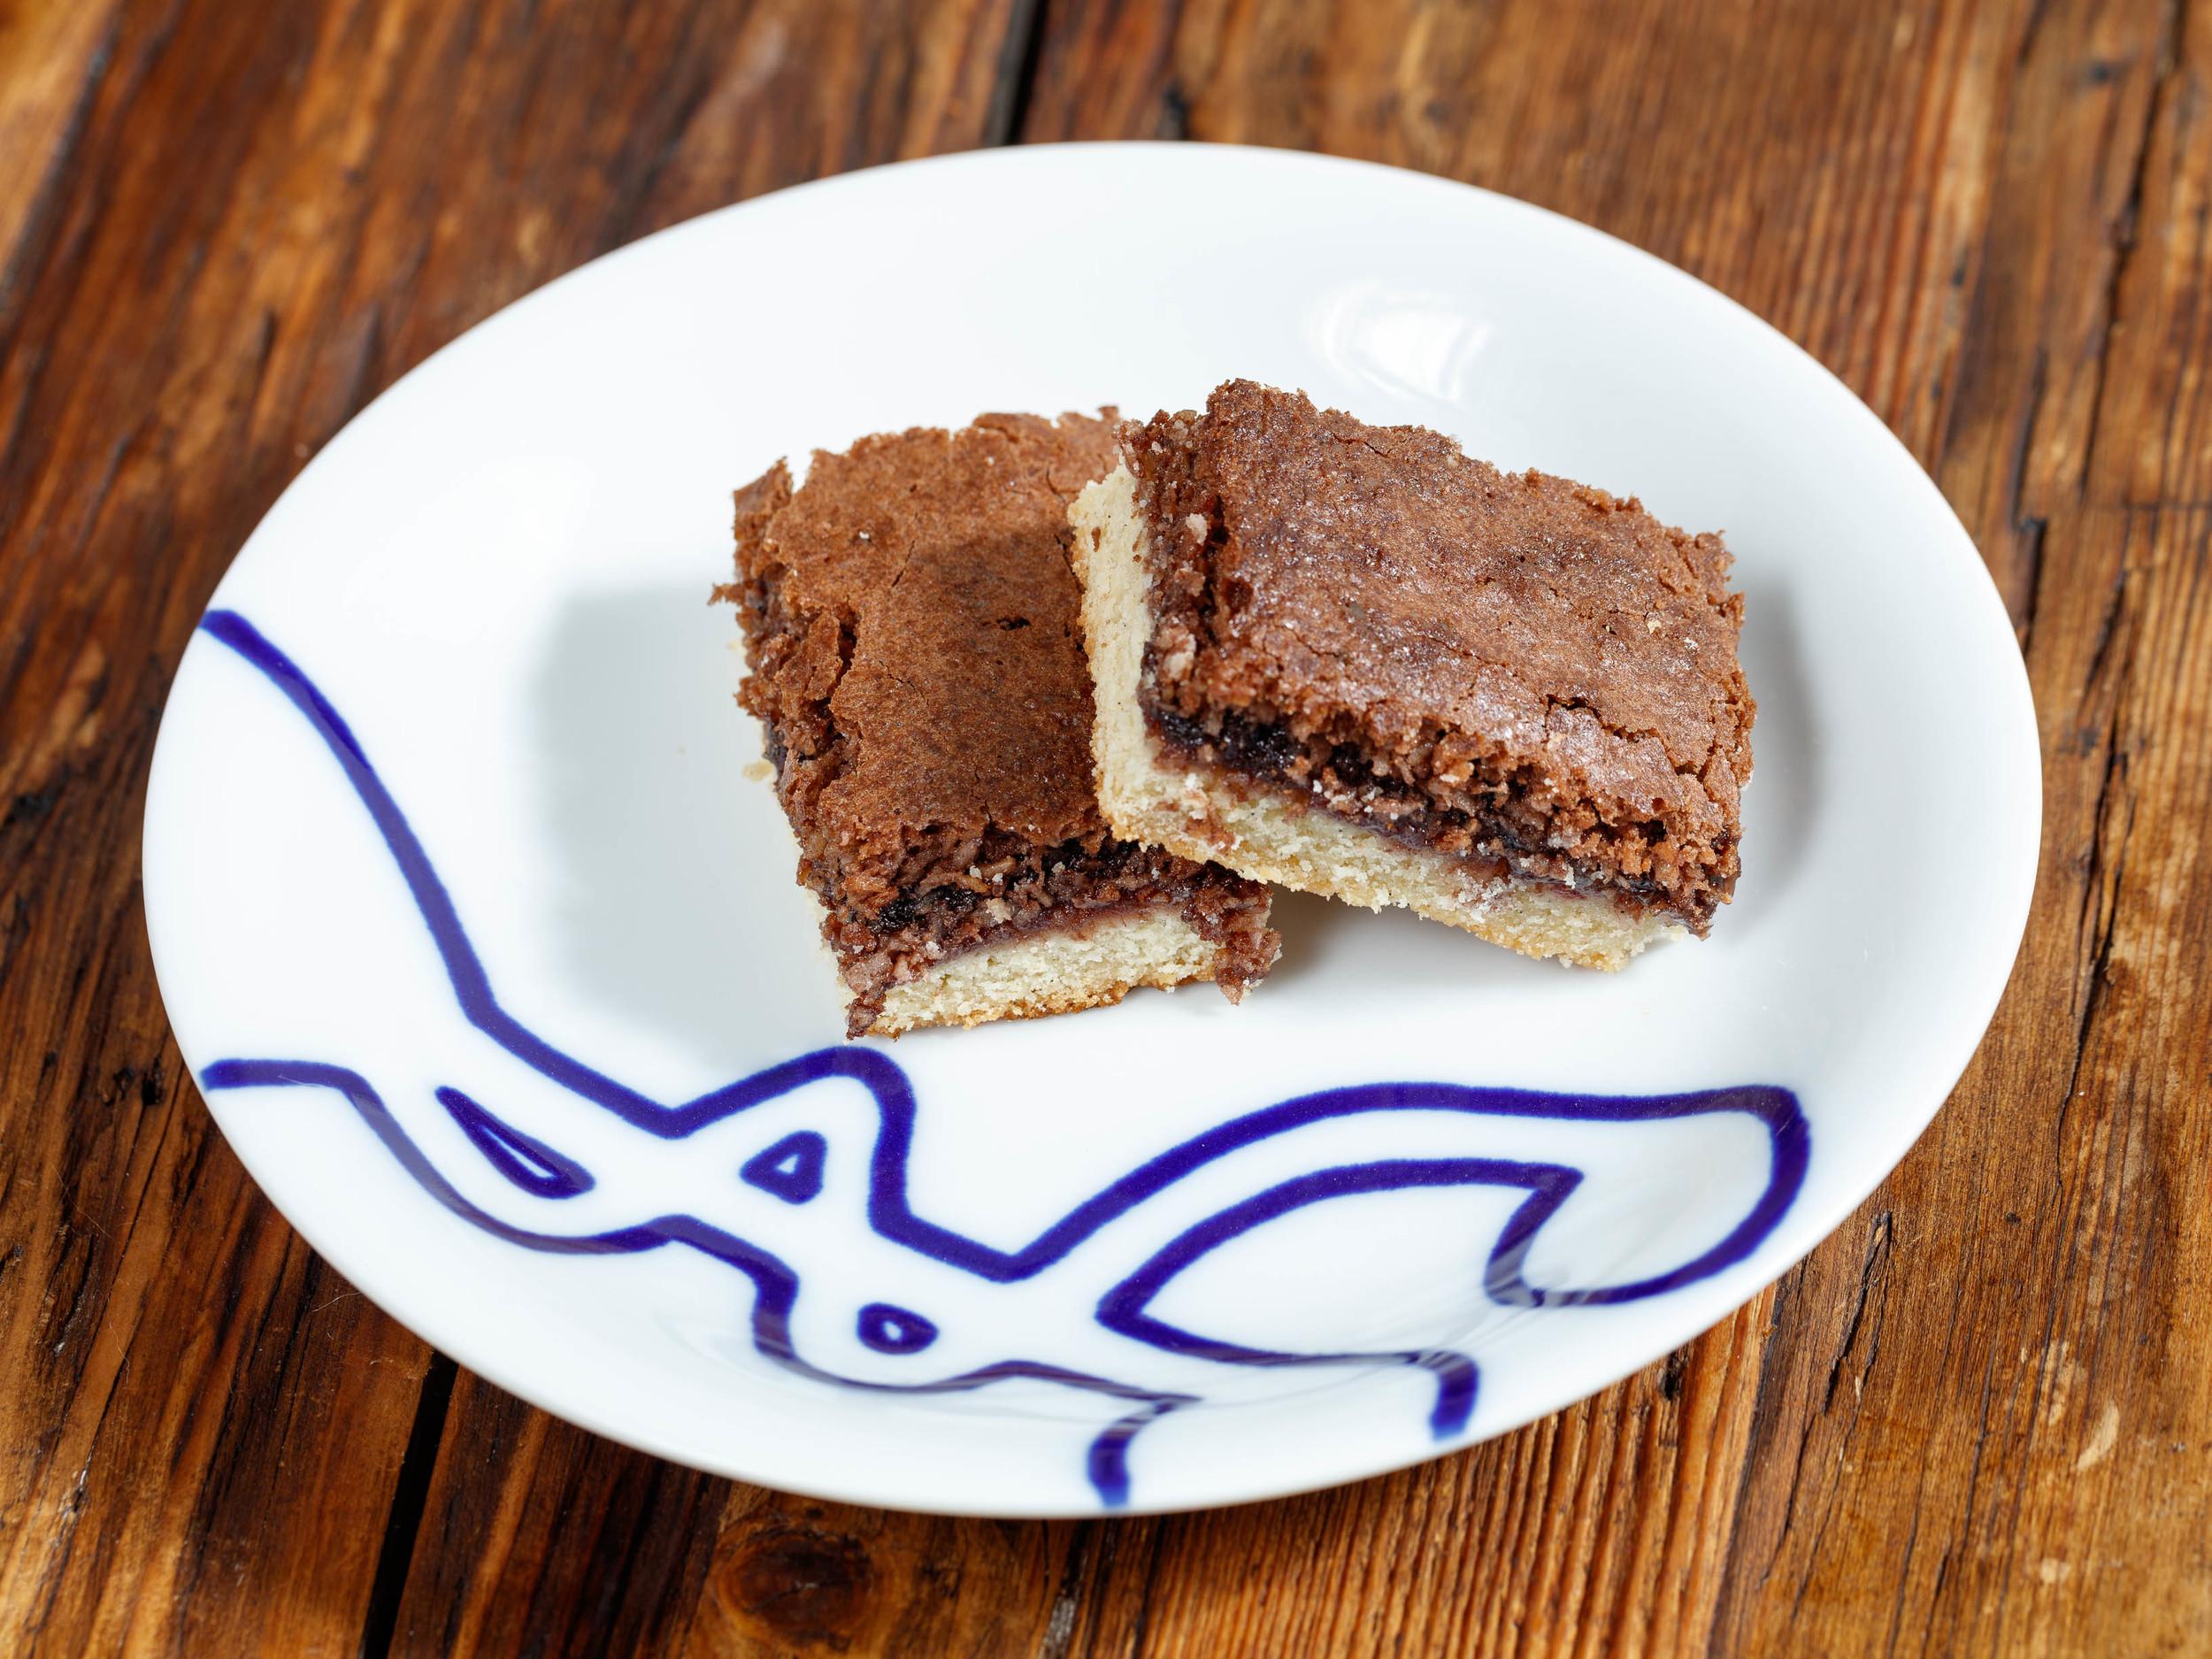 Skagen Kakaosnitter - Cocoa Bites from Skagen